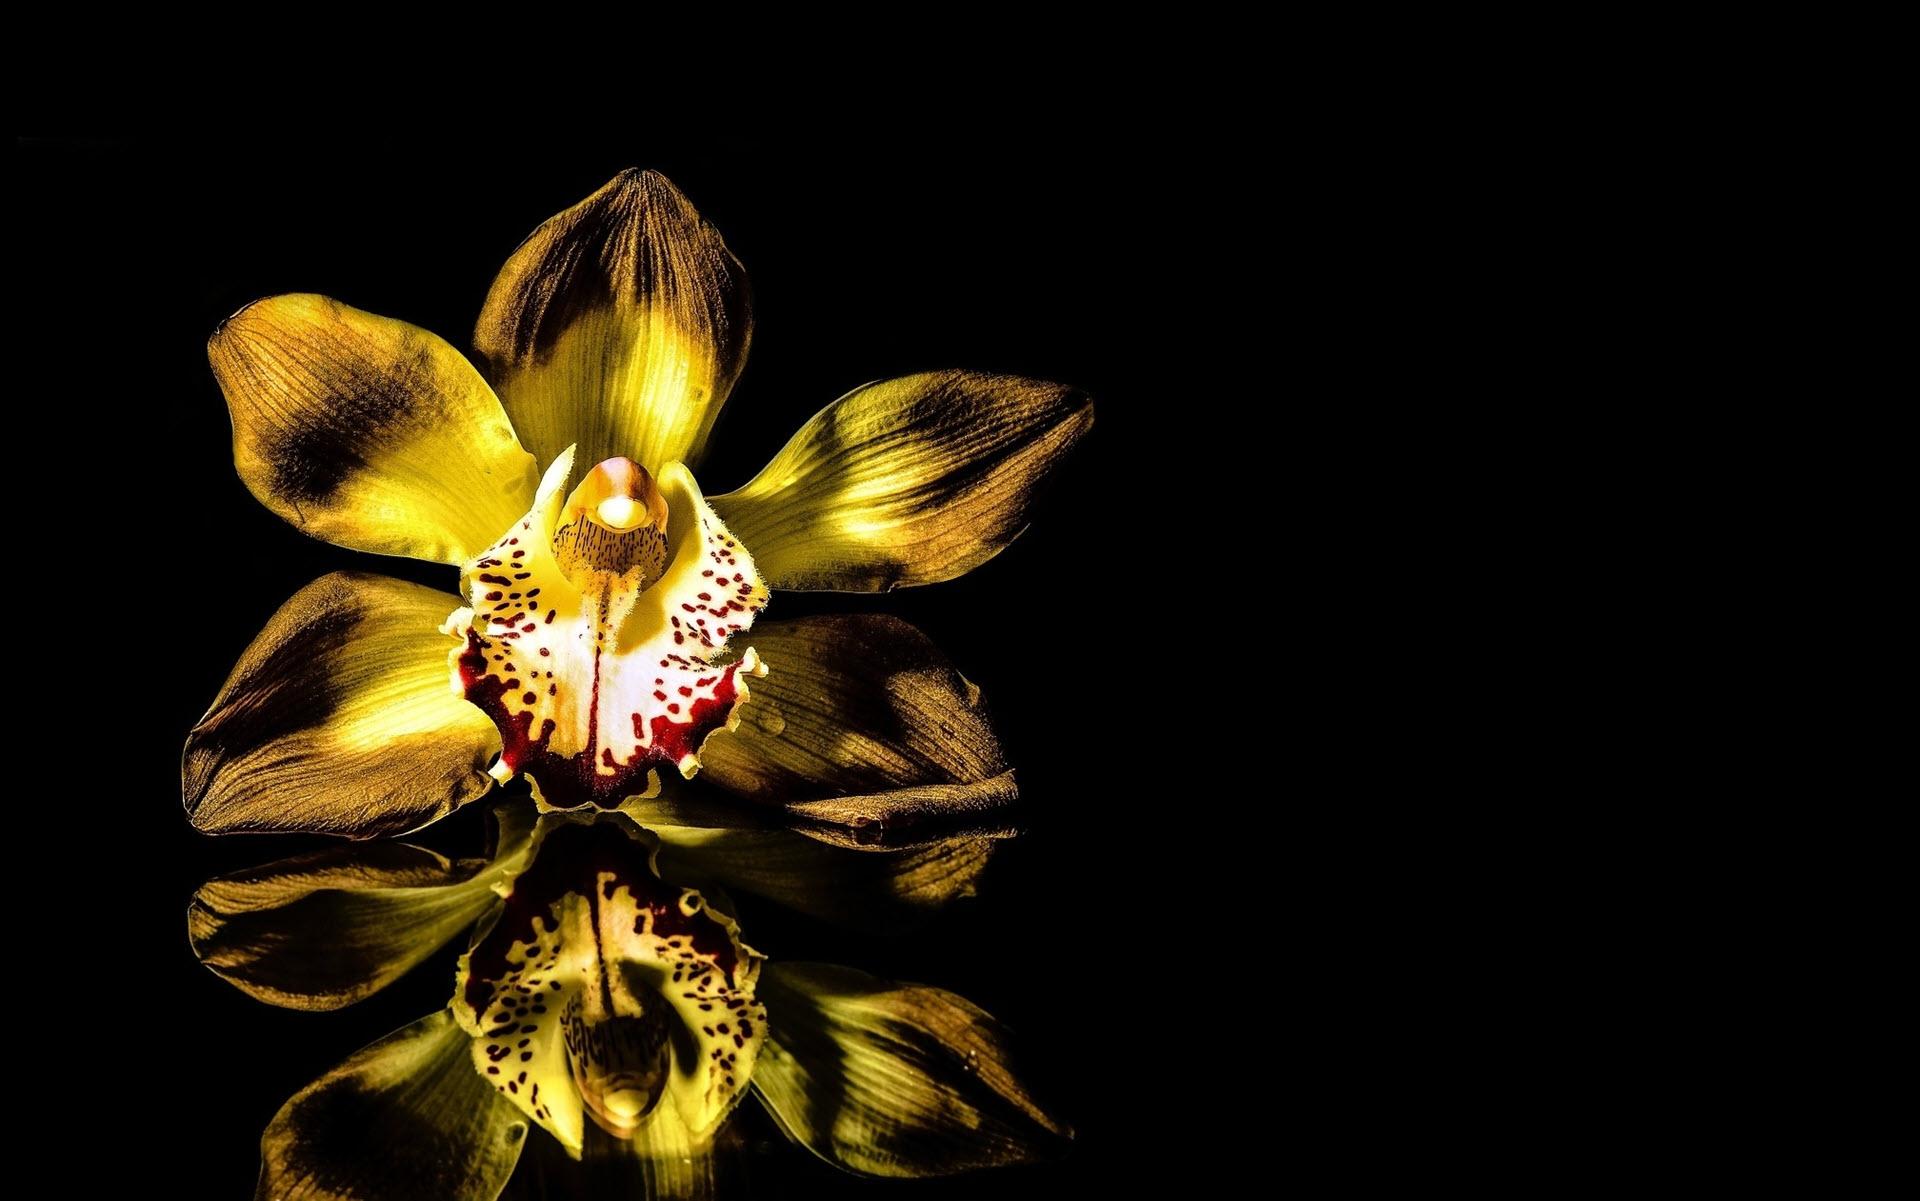 Hình nền hoa lan đẹp, nghệ thuật